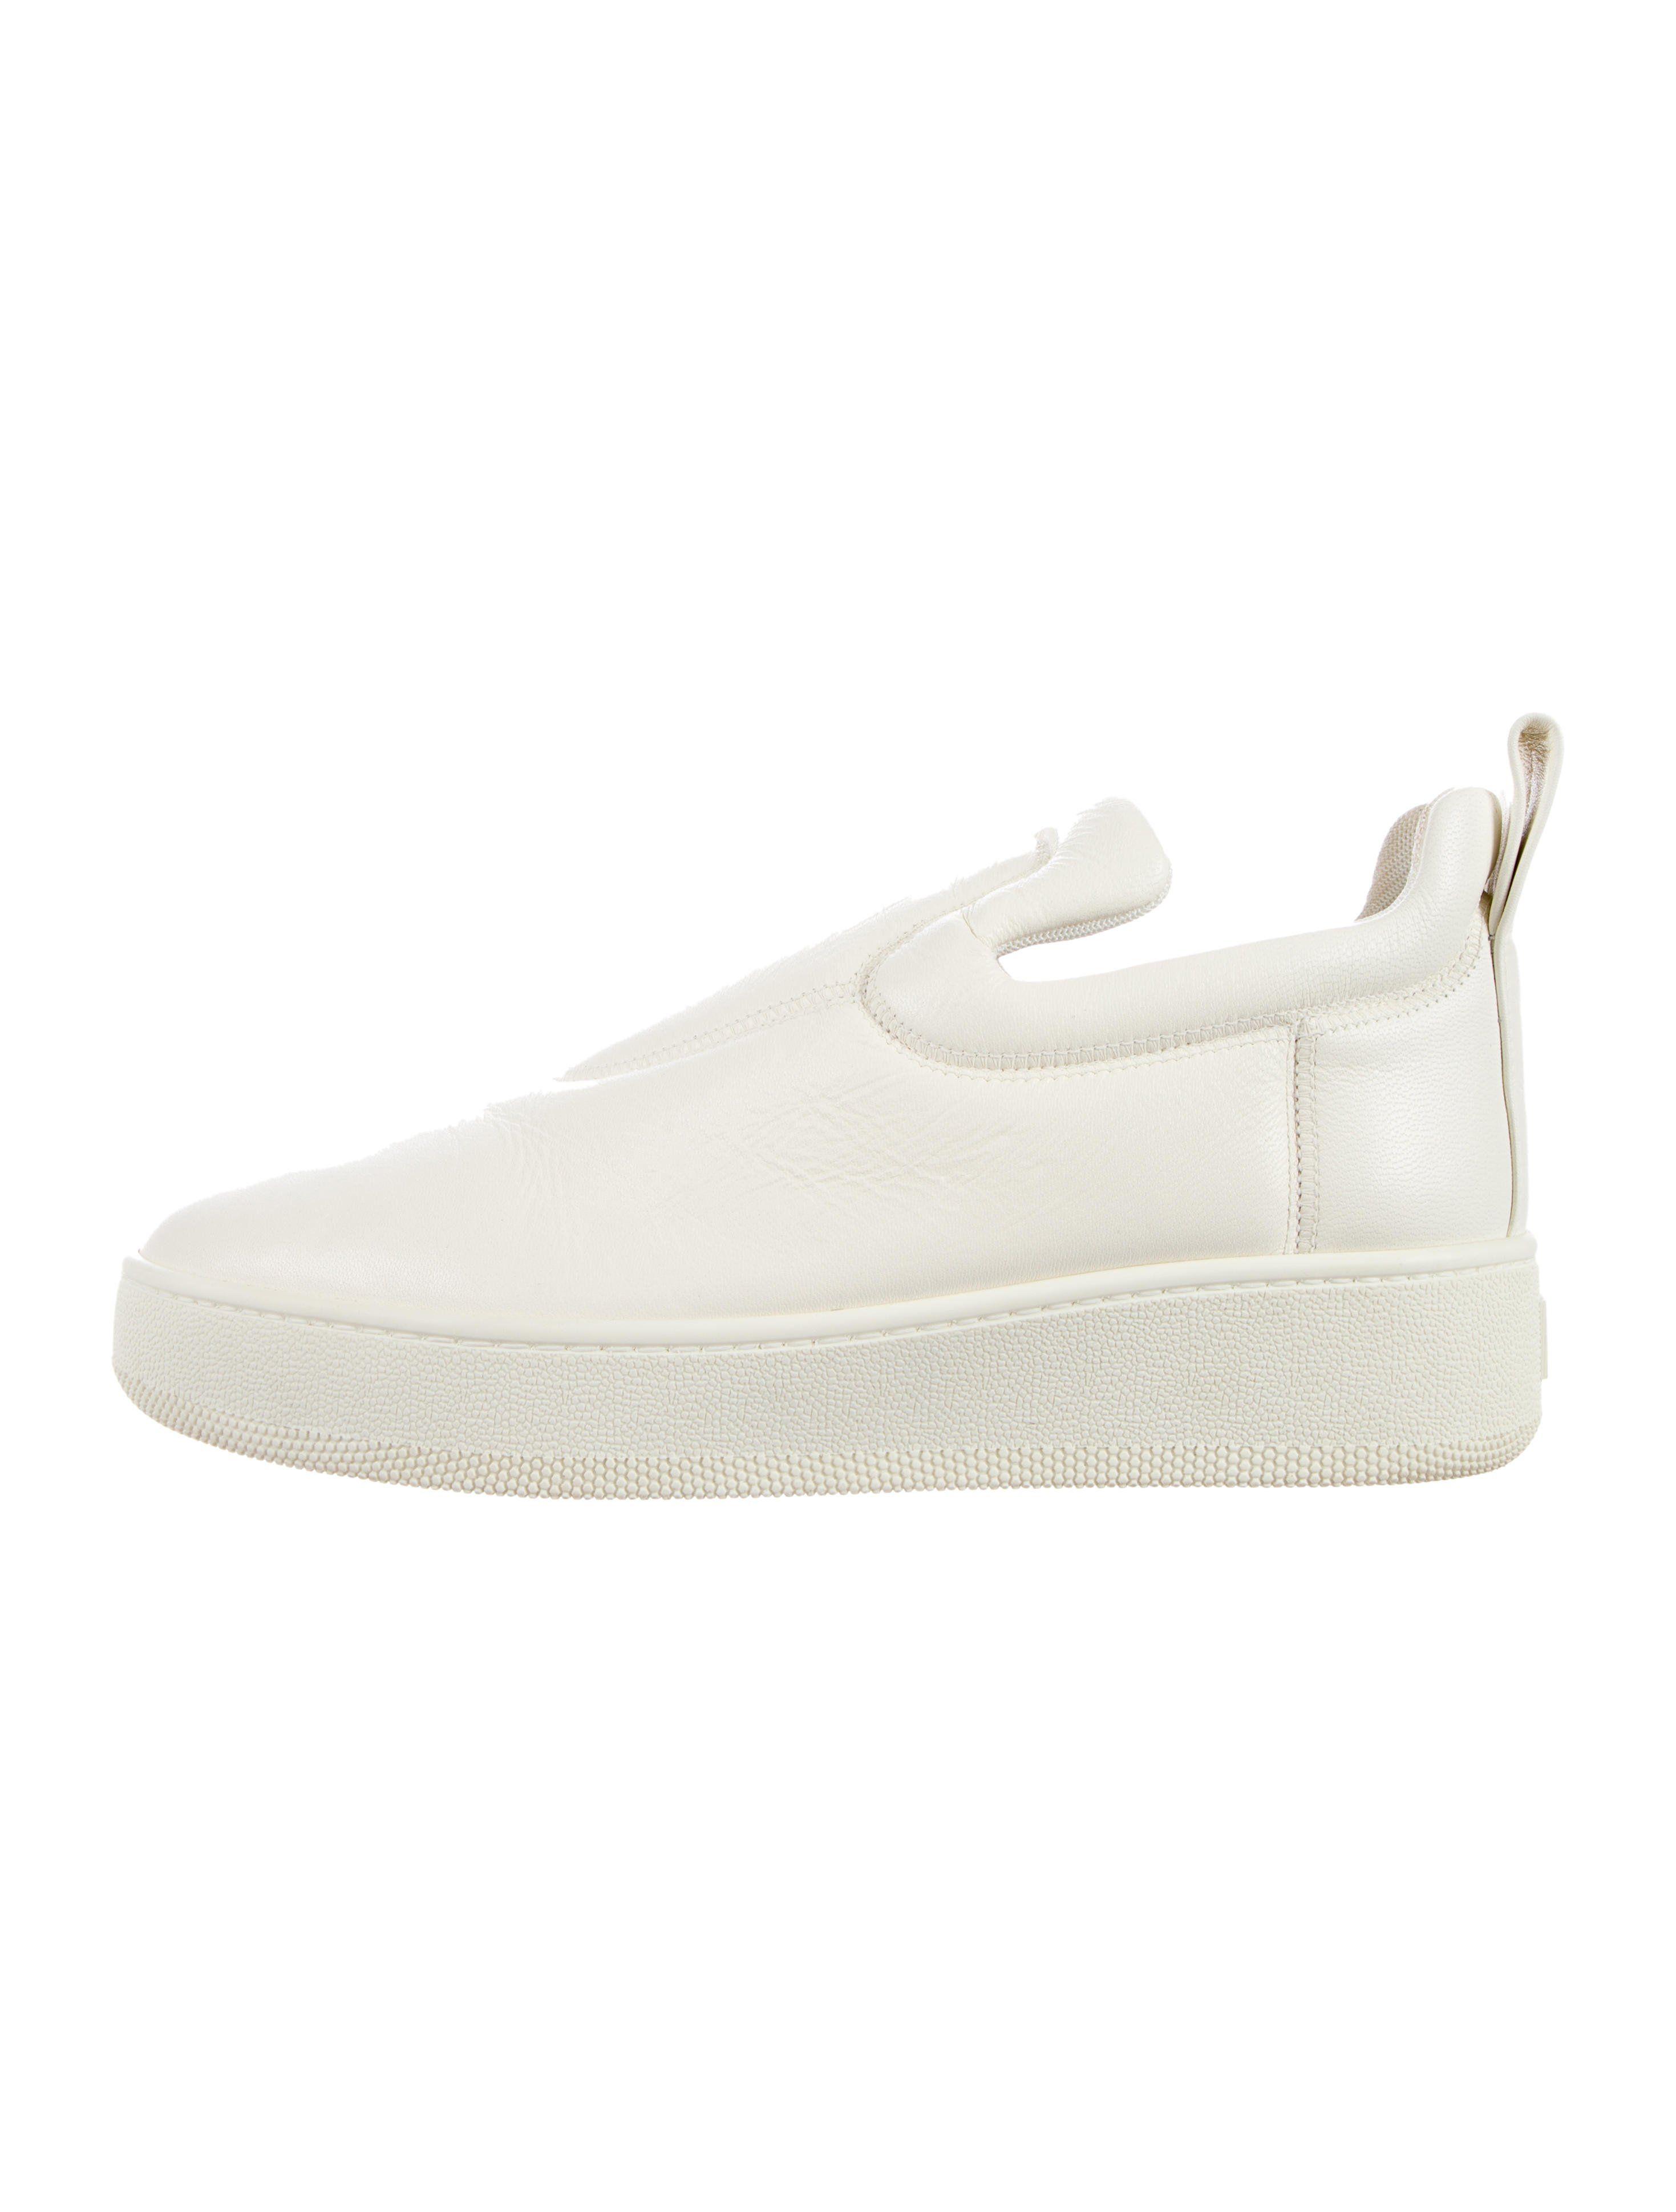 4797a29669cc Céline Slip-On Sneakers - Shoes - CEL28626